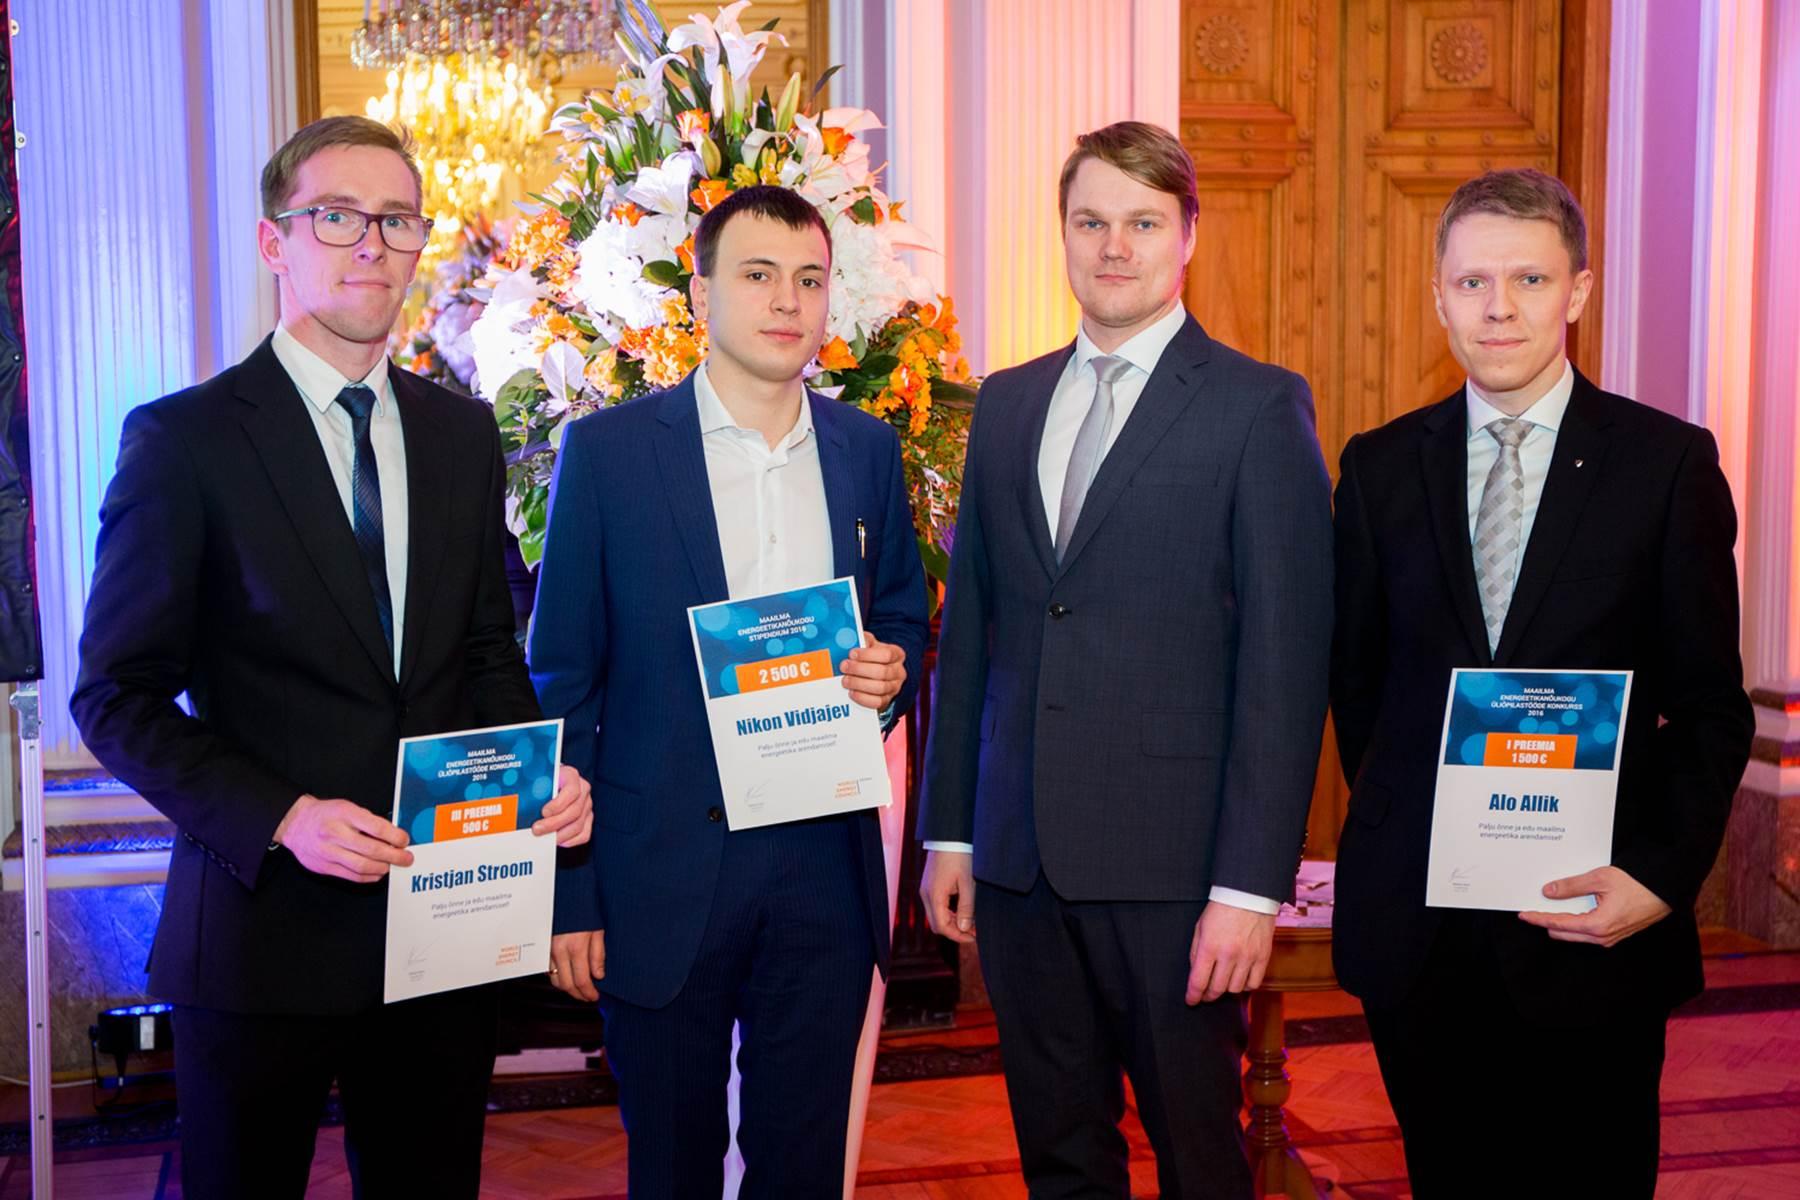 Palju õnne! Maailma Energeetikanõukogu 2500 eurose stipendiumi võitis Nikon Vidjajev